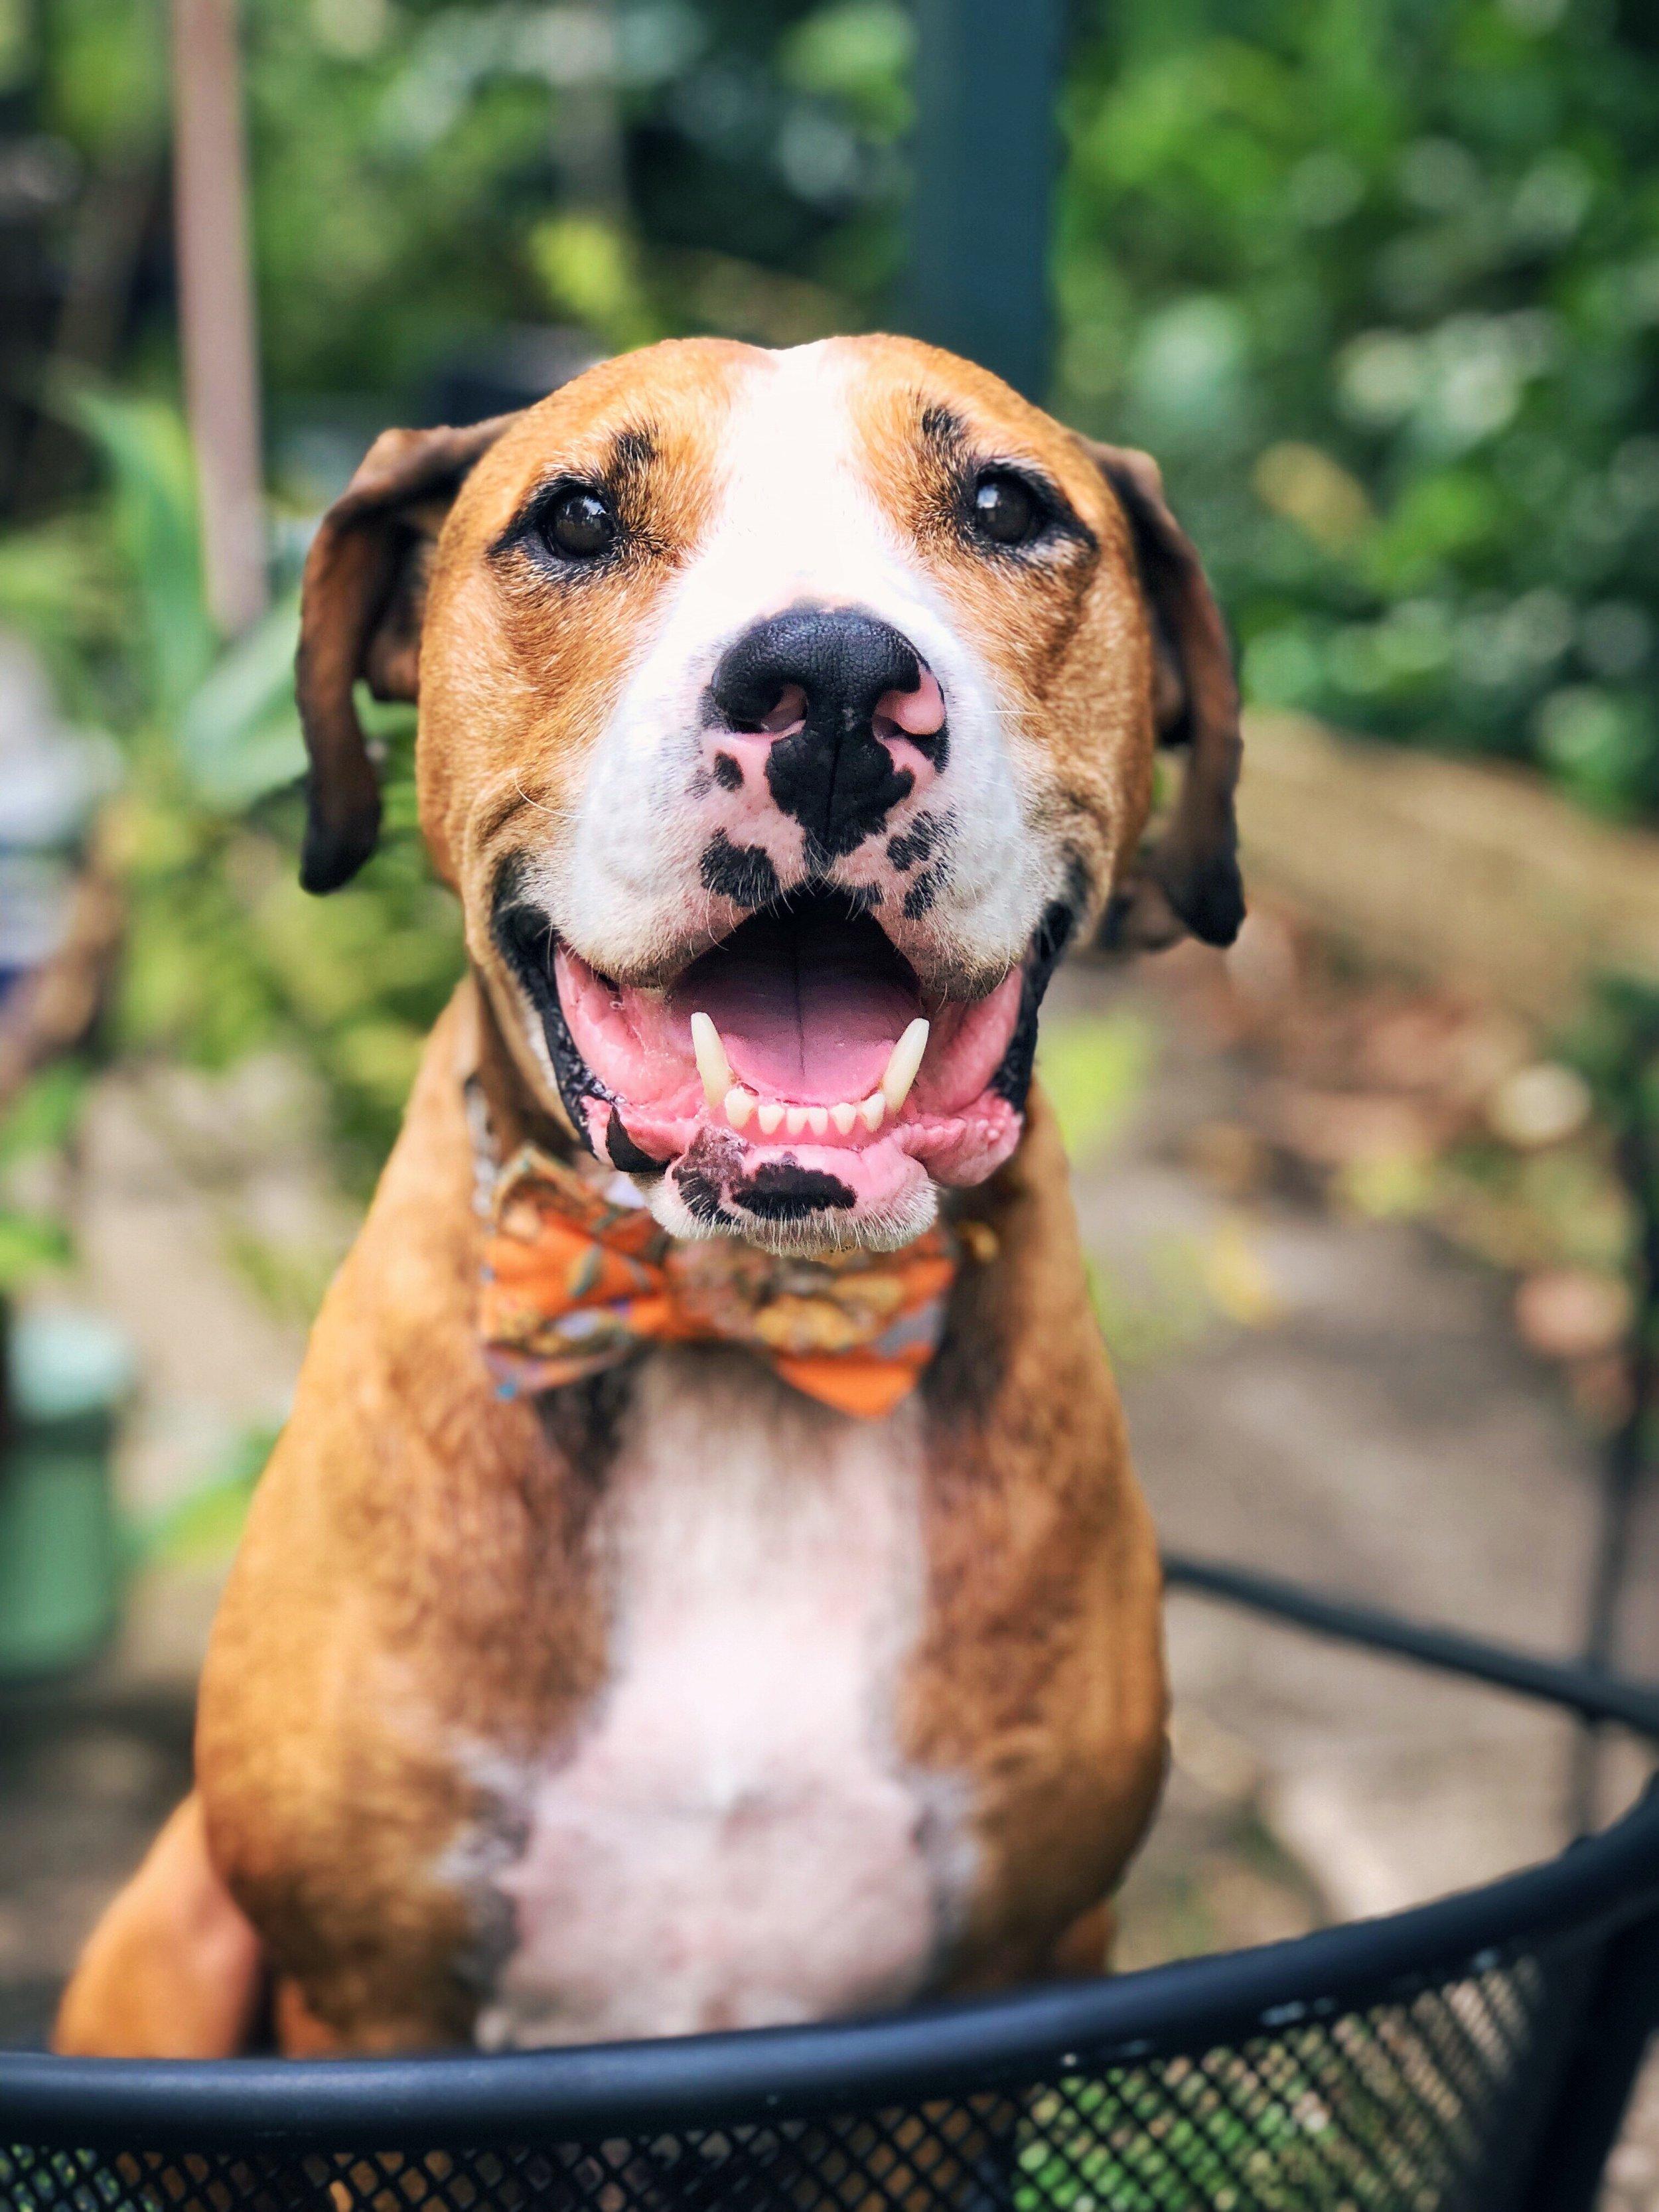 cute-dog-bowtie-fashion-happy.jpeg